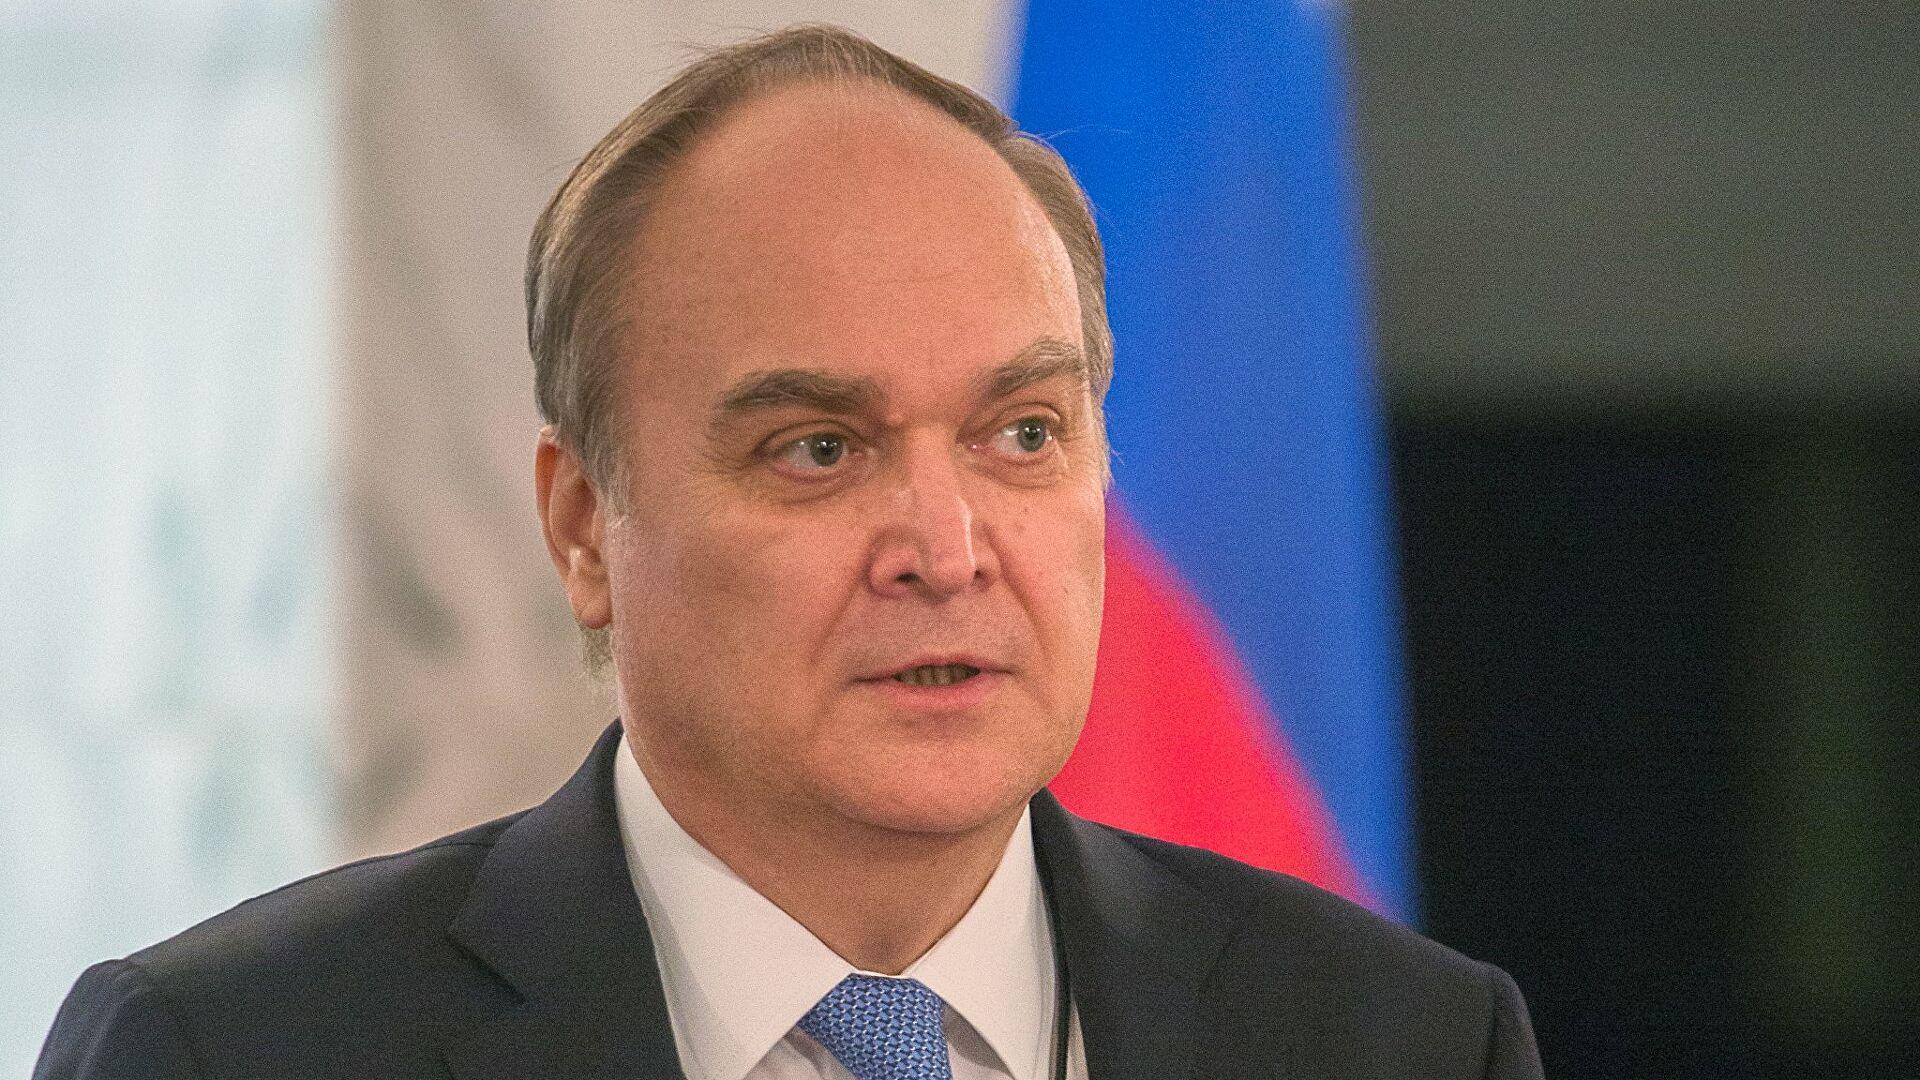 Антонов: Путем санкција немогуће успоставити узајамно разумевање и стабилизовати односе